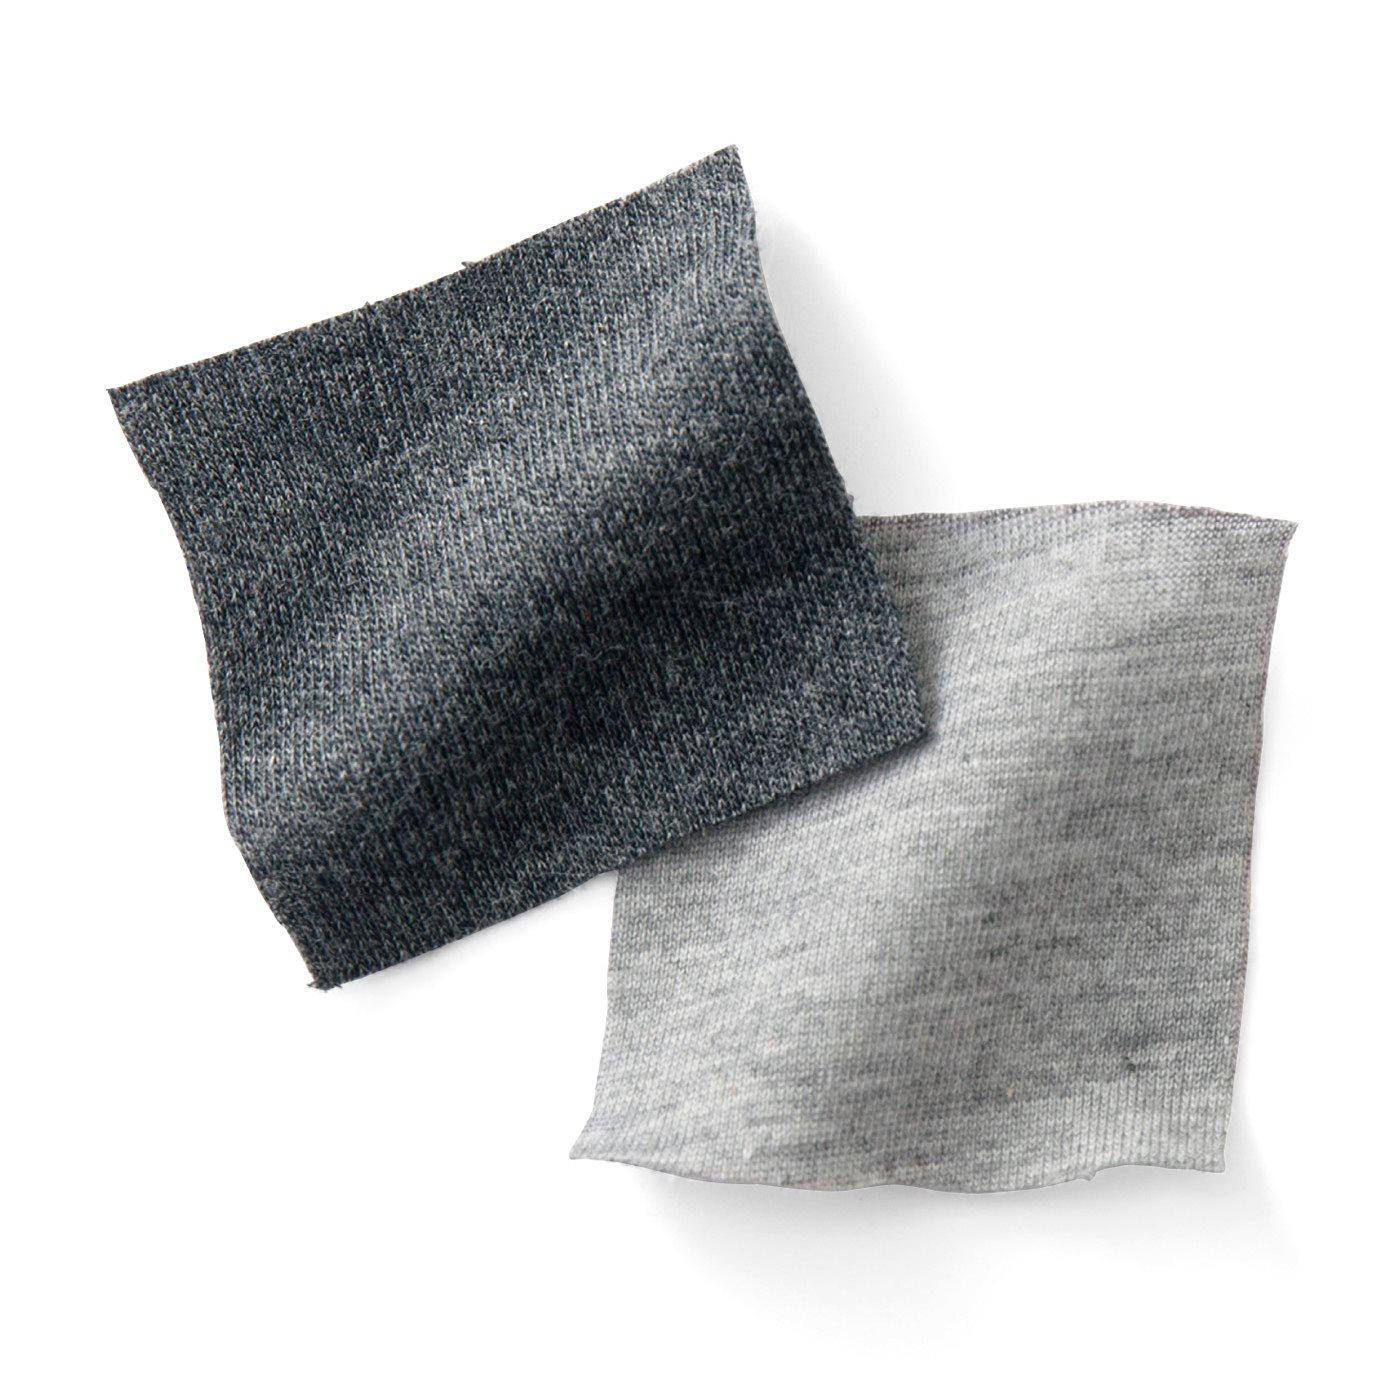 左:【スカーチョ】カットソー素材でしわになりにくく、肌当たりやわらか。 右:【インナーパンツ】はき心地よい天じく。